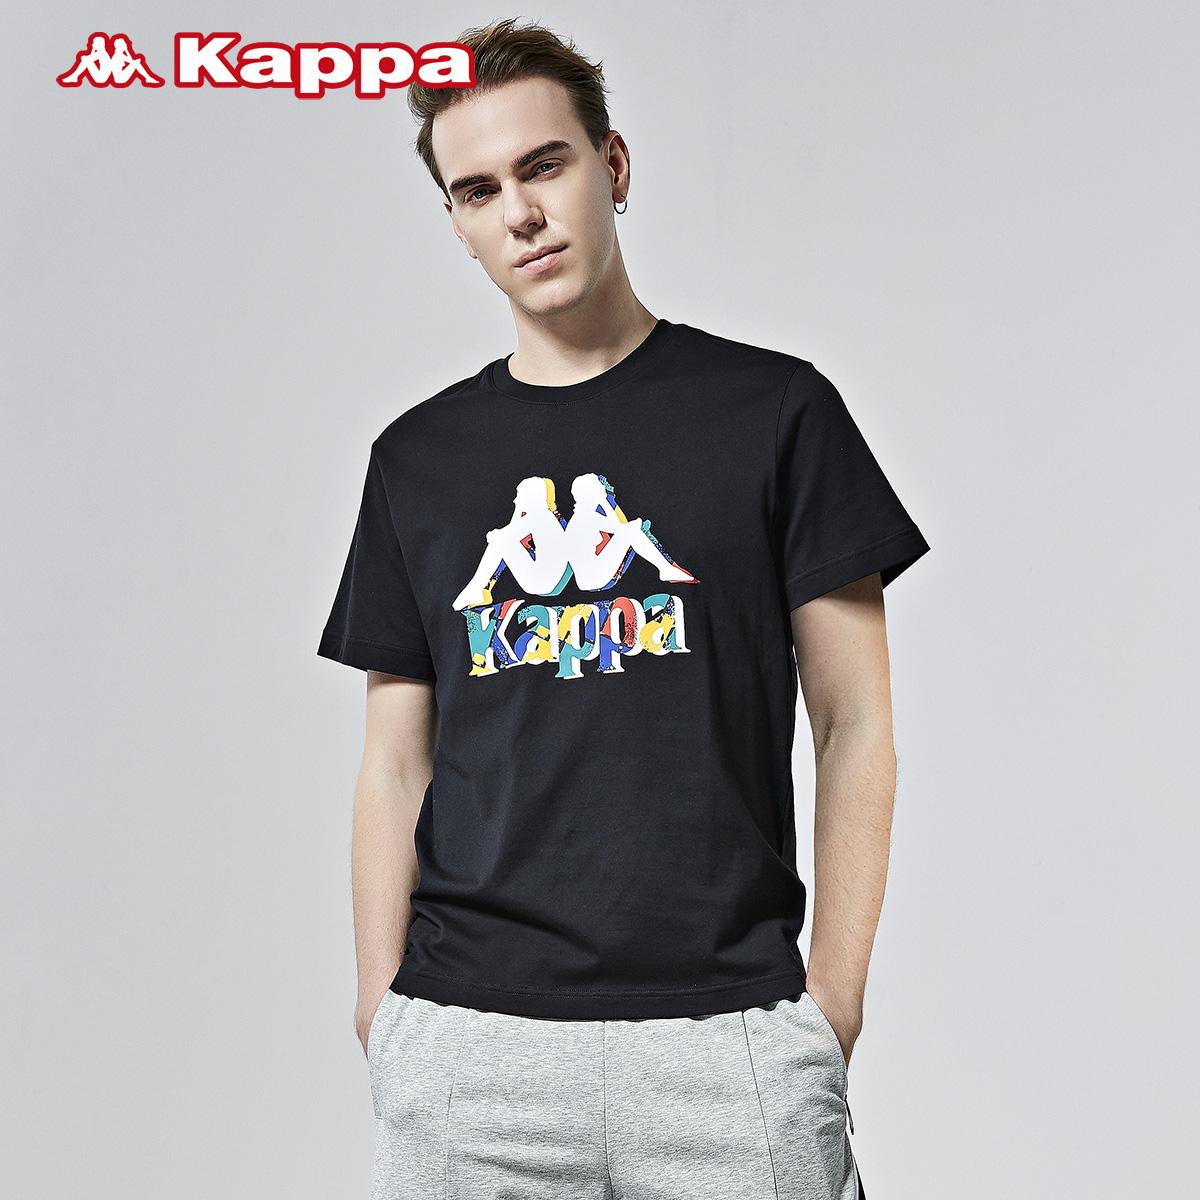 Kappa卡帕男款运动短袖休闲圆领T恤夏季幻彩印花针织半袖2020新款